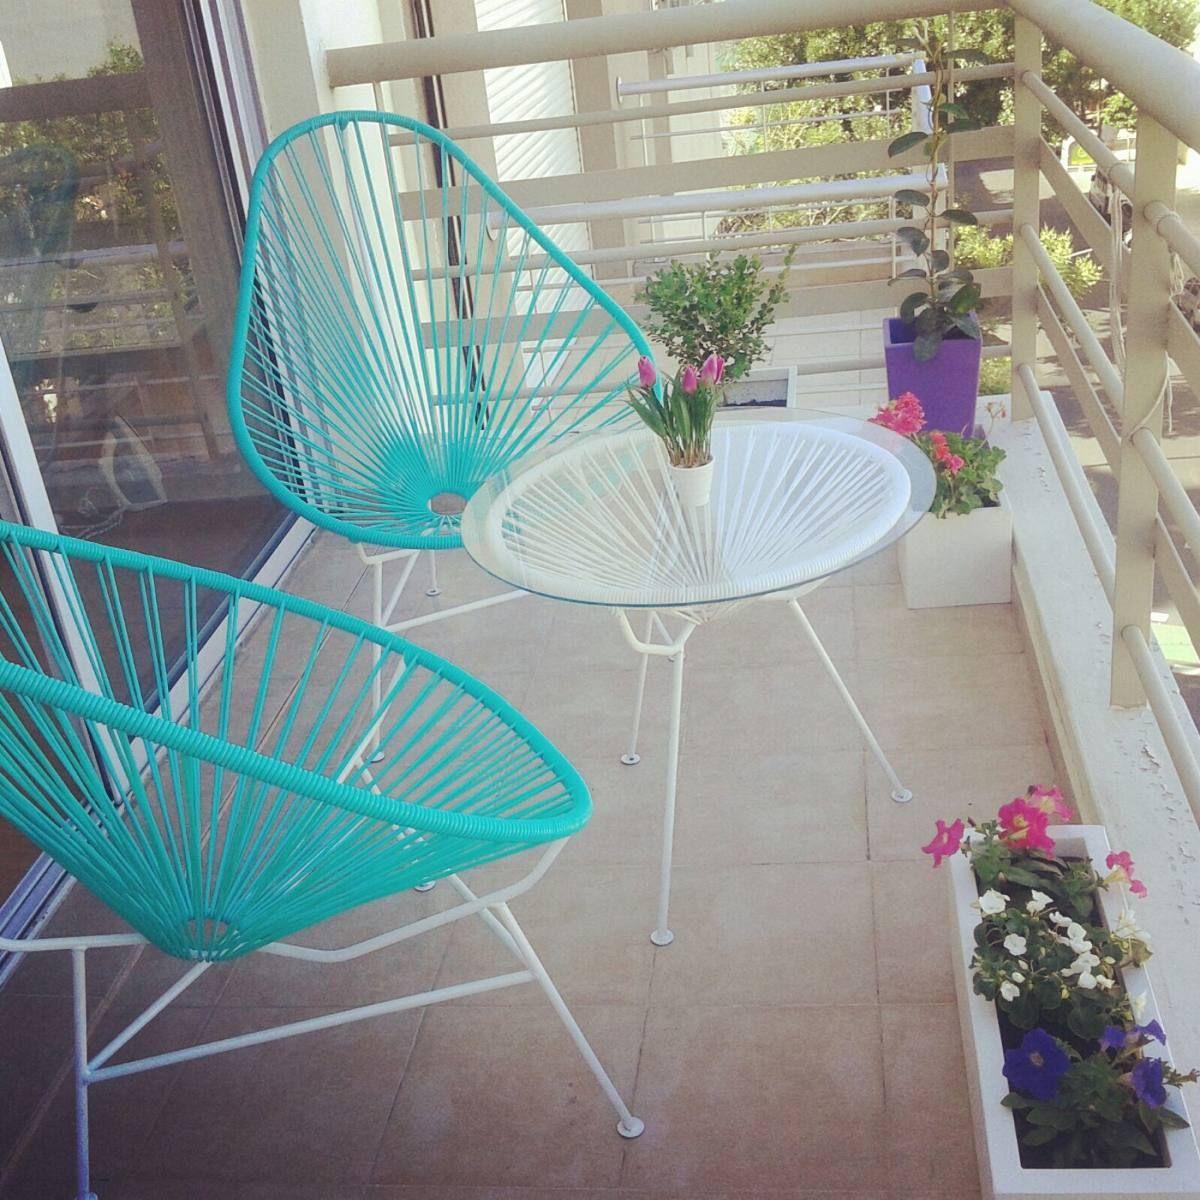 Juego de sillas acapulco dos sillas mesa con vidrio for Sillones para balcon